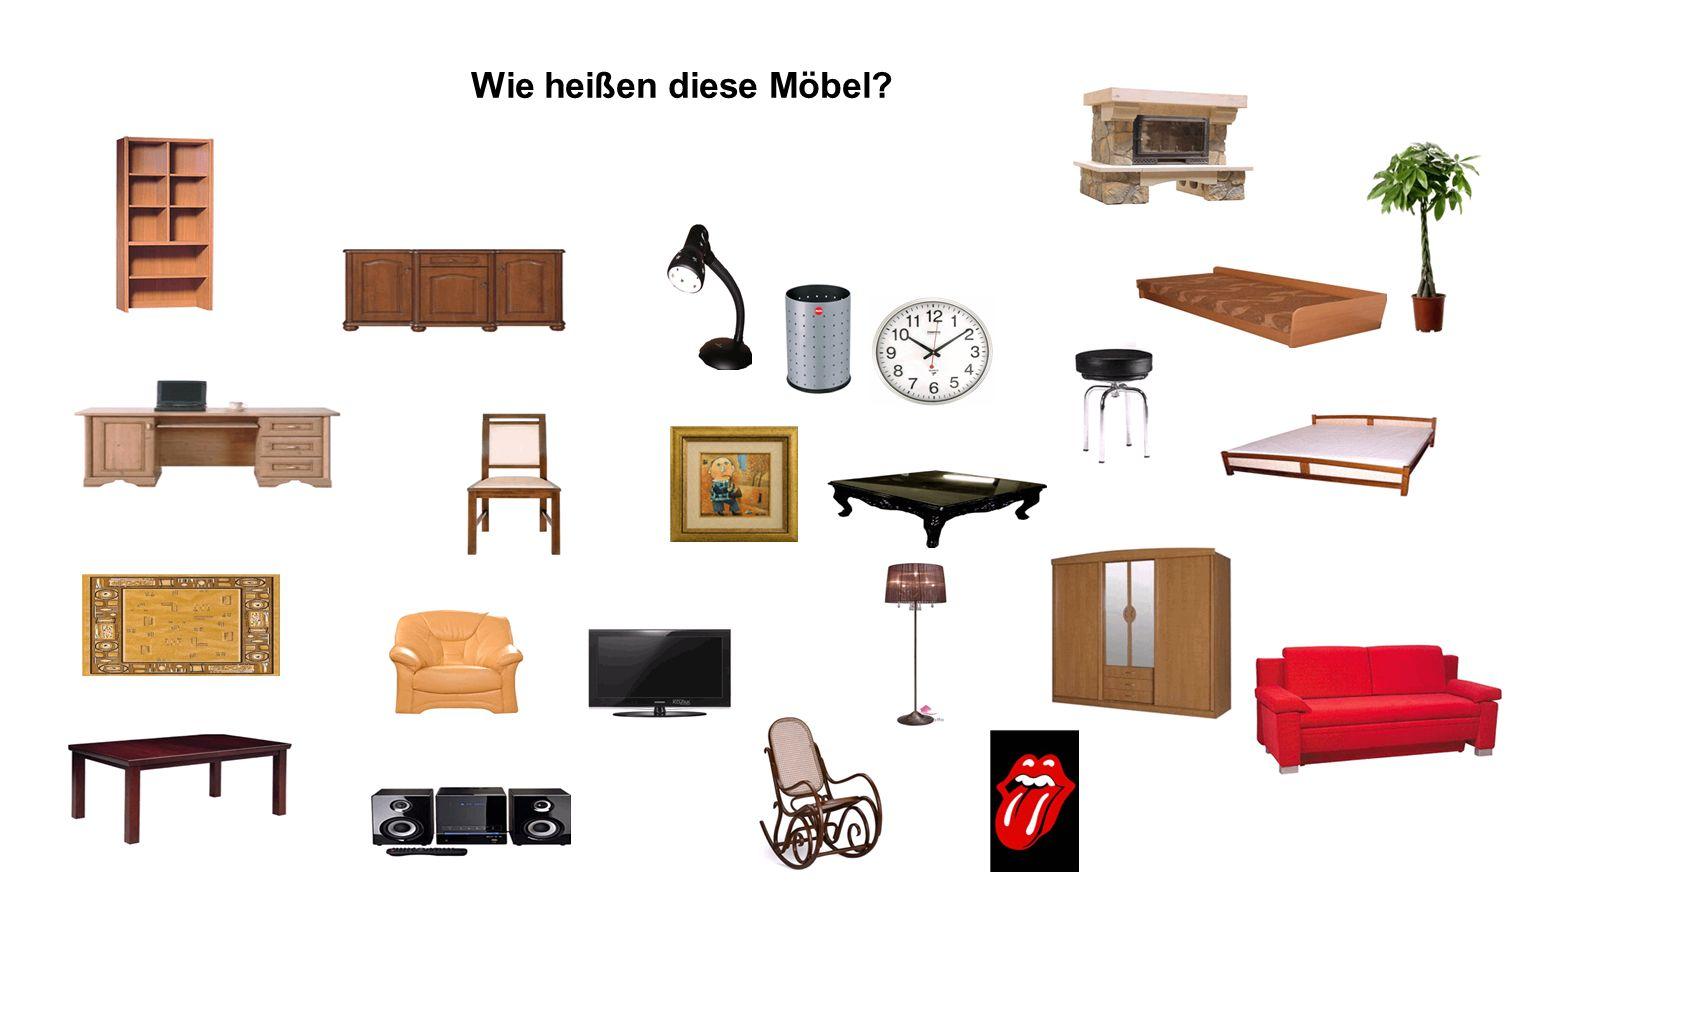 Wie heißen diese Möbel?